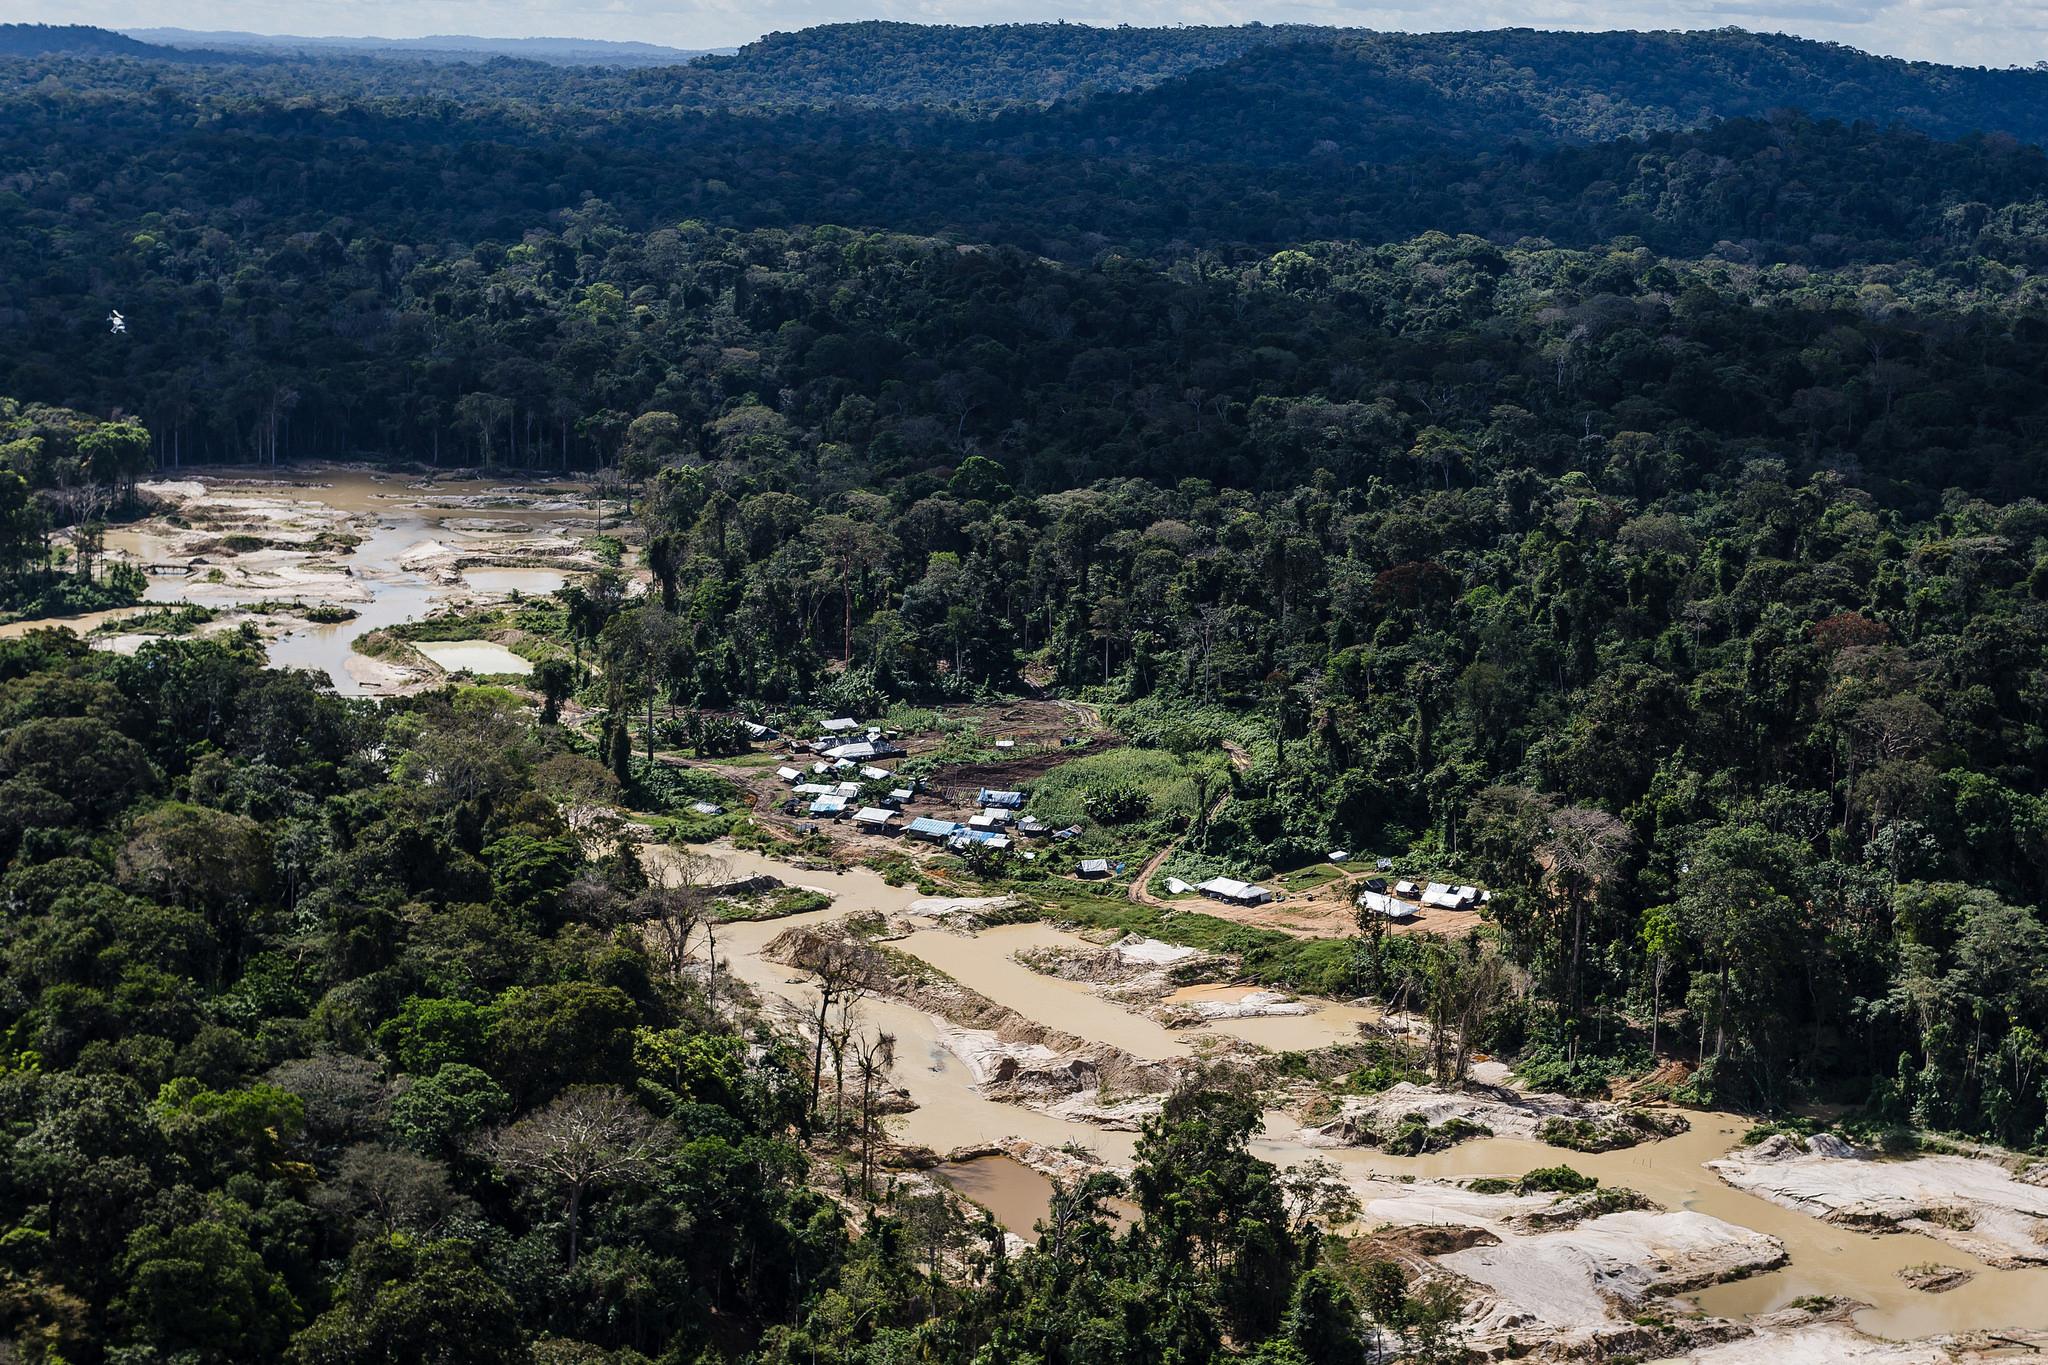 Garimpo provoca a morte de rios e traz doenças aos índios Munduruku, no Pará